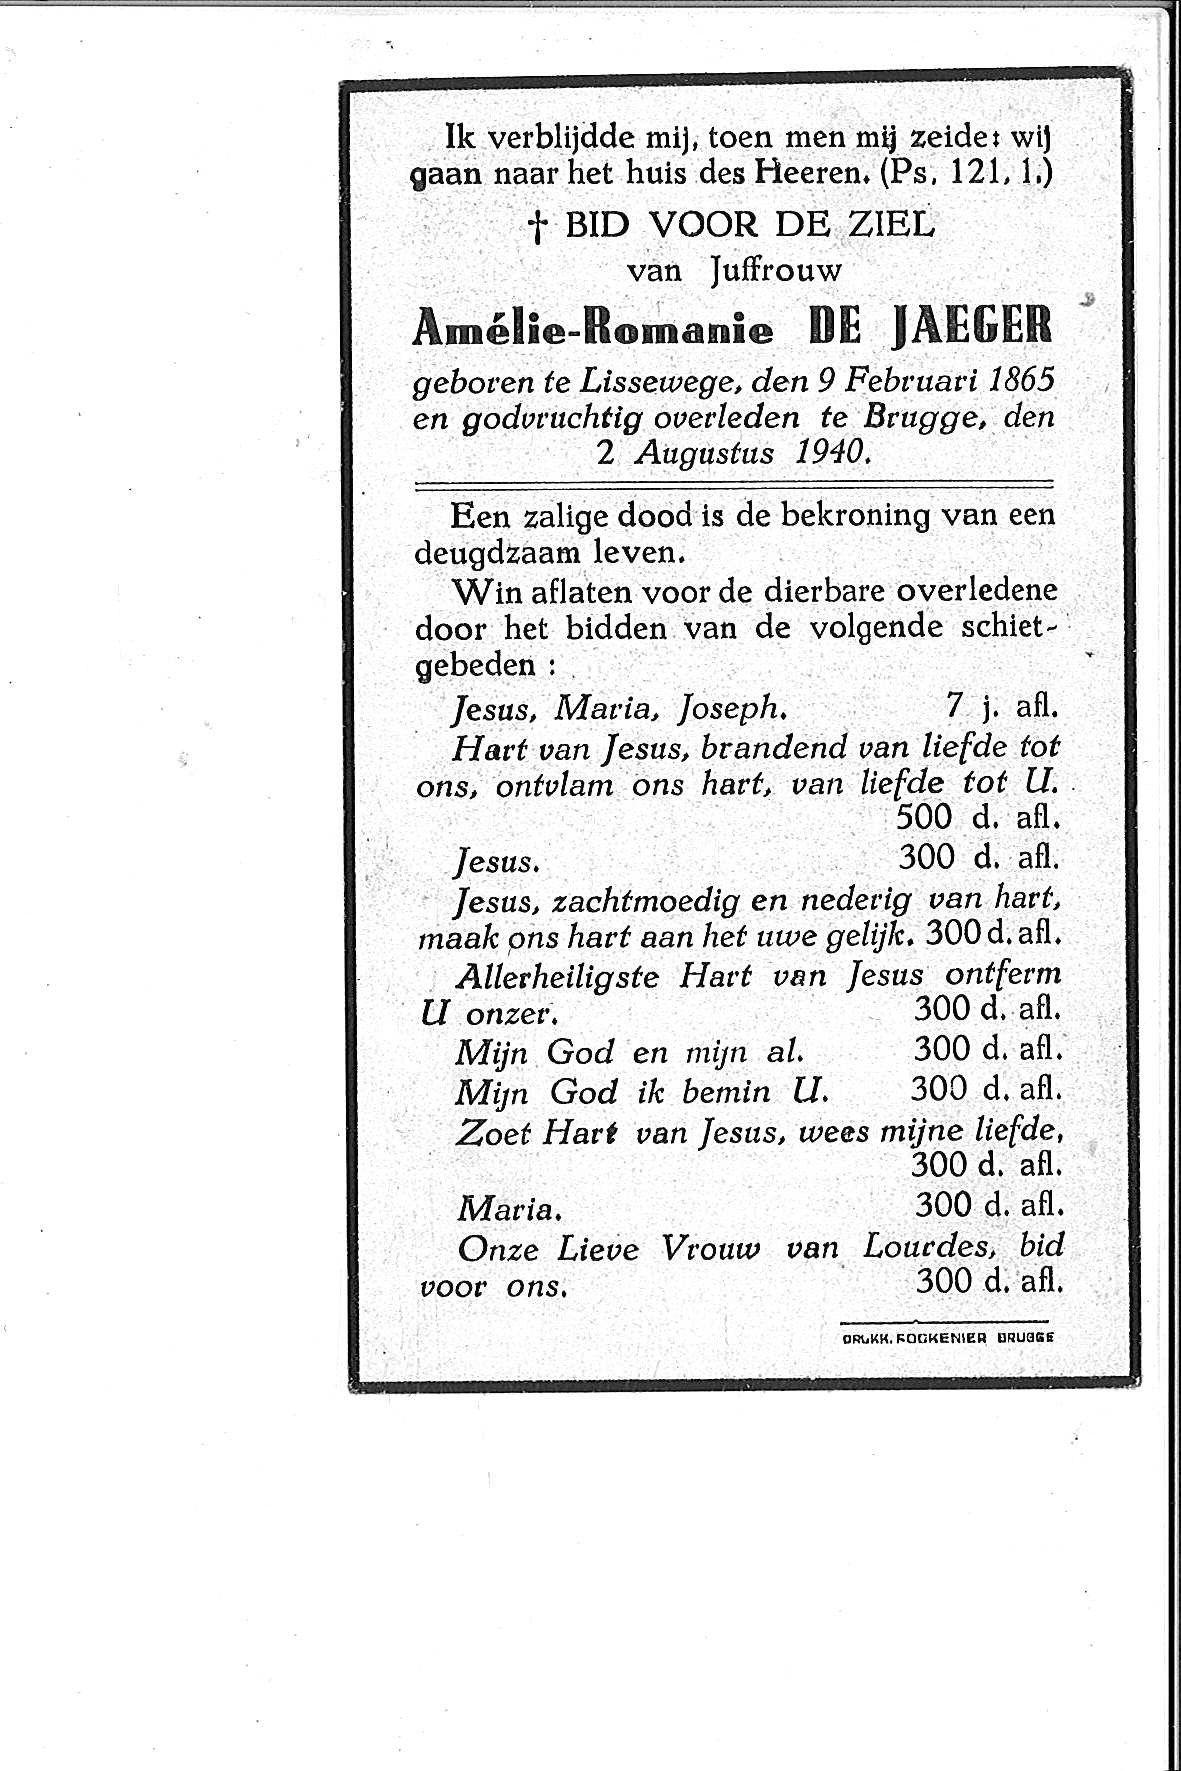 Amélie-Romanie(1940)20150422085139_00032.jpg